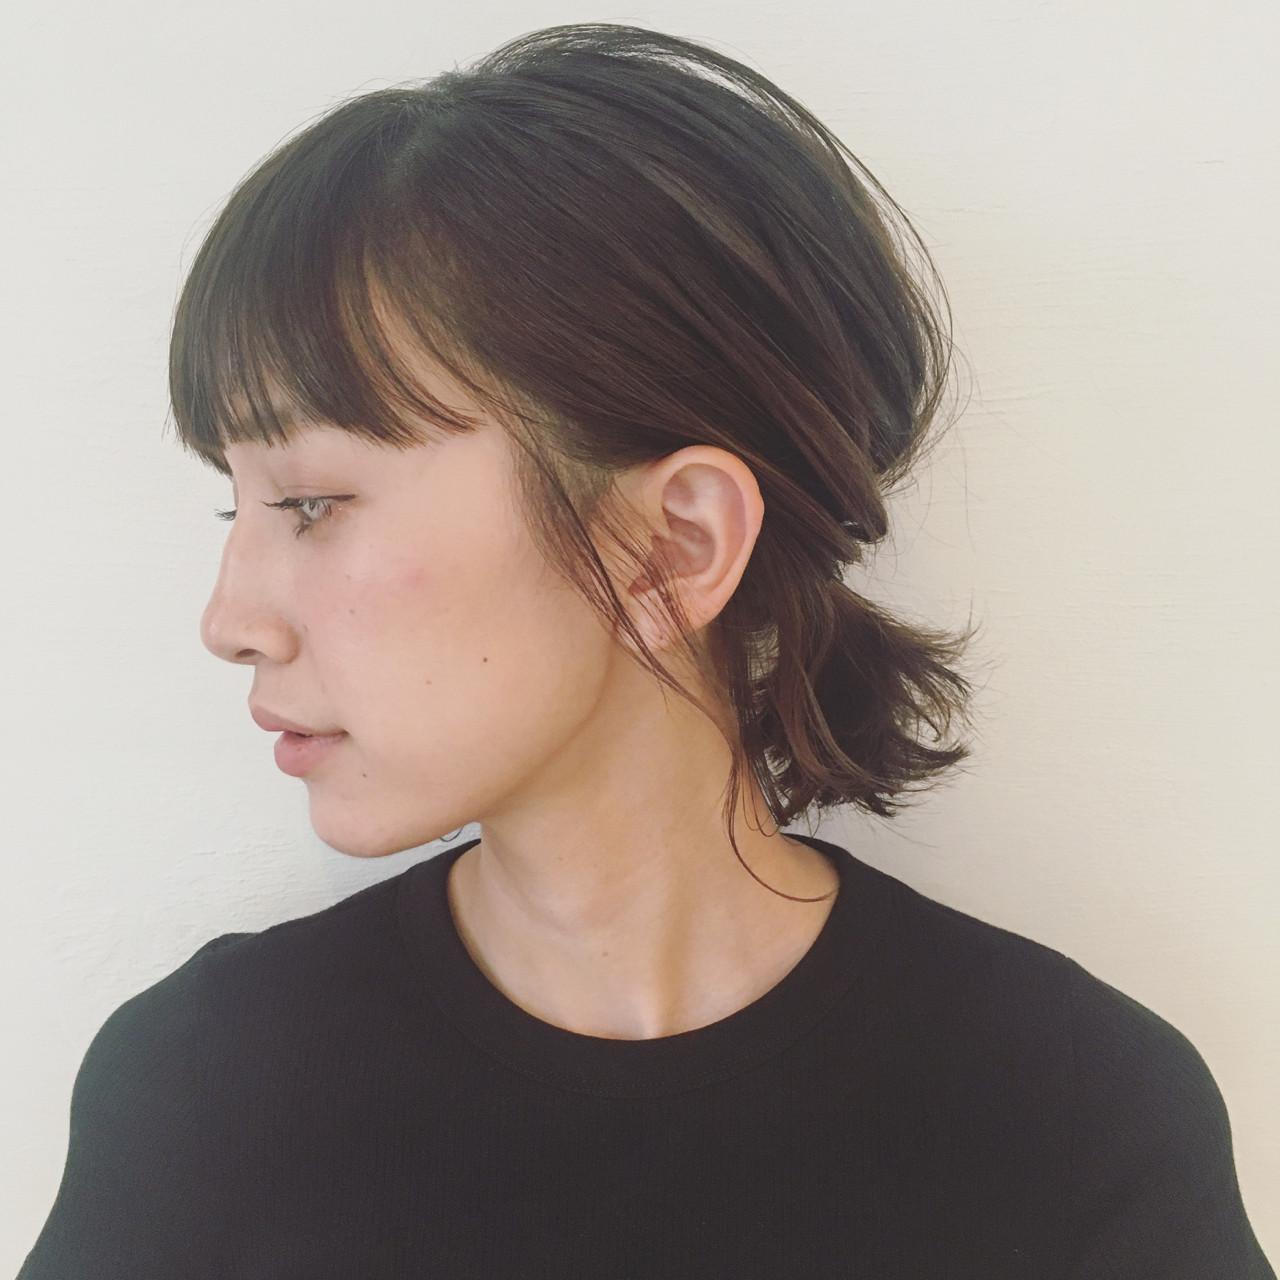 インナーカラー 簡単ヘアアレンジ ヘアアレンジ 涼しげヘアスタイルや髪型の写真・画像